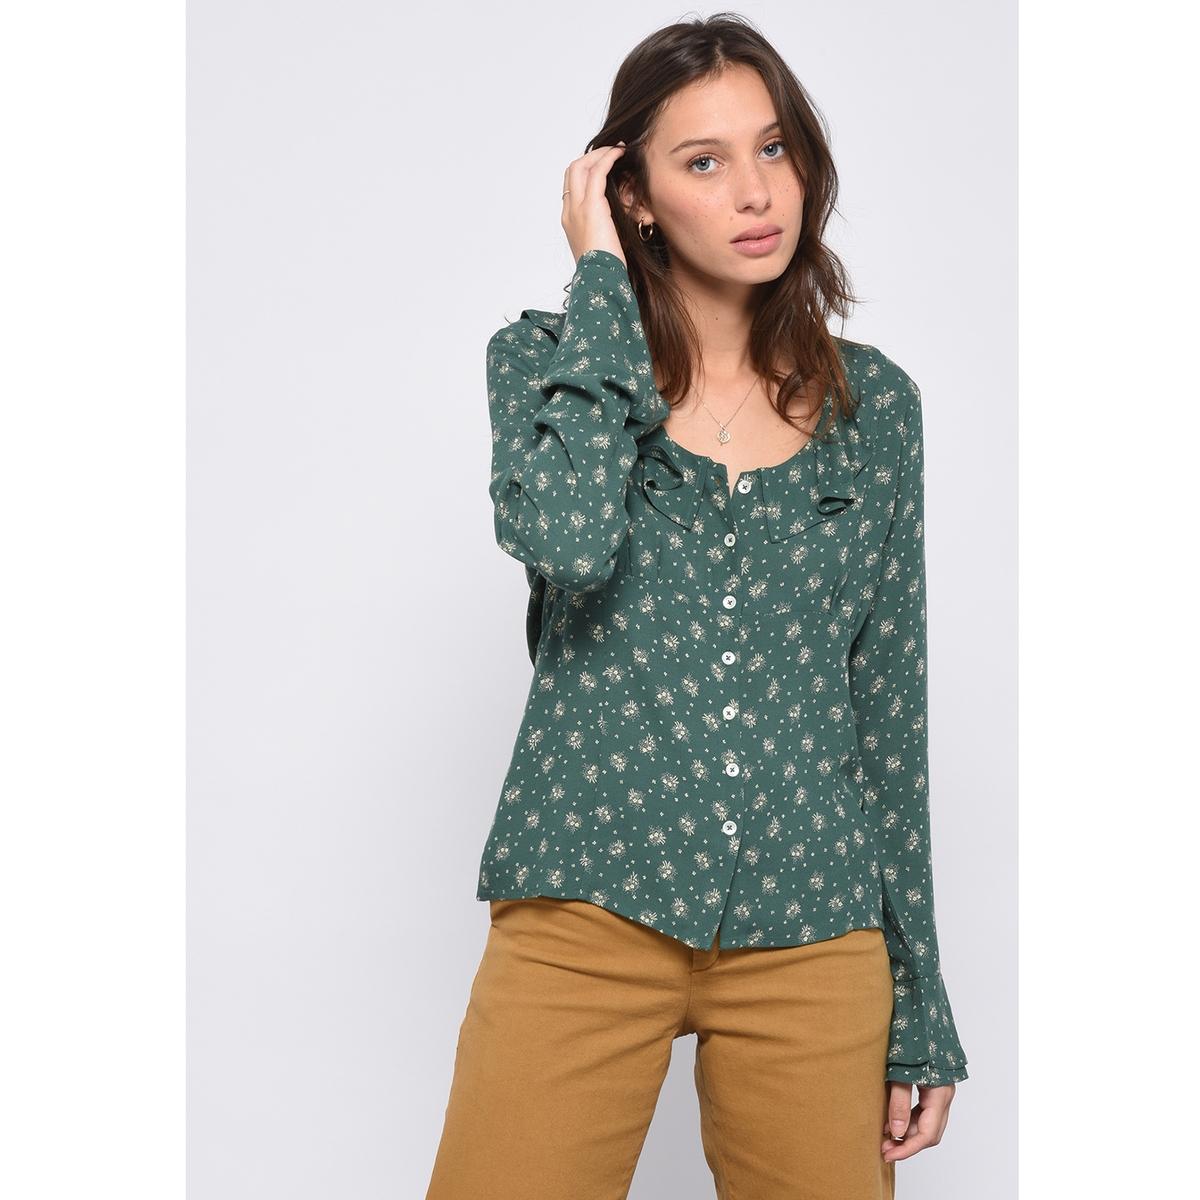 Рубашка с круглым вырезом с воланами CHOCOLAT tartine et chocolat футболка